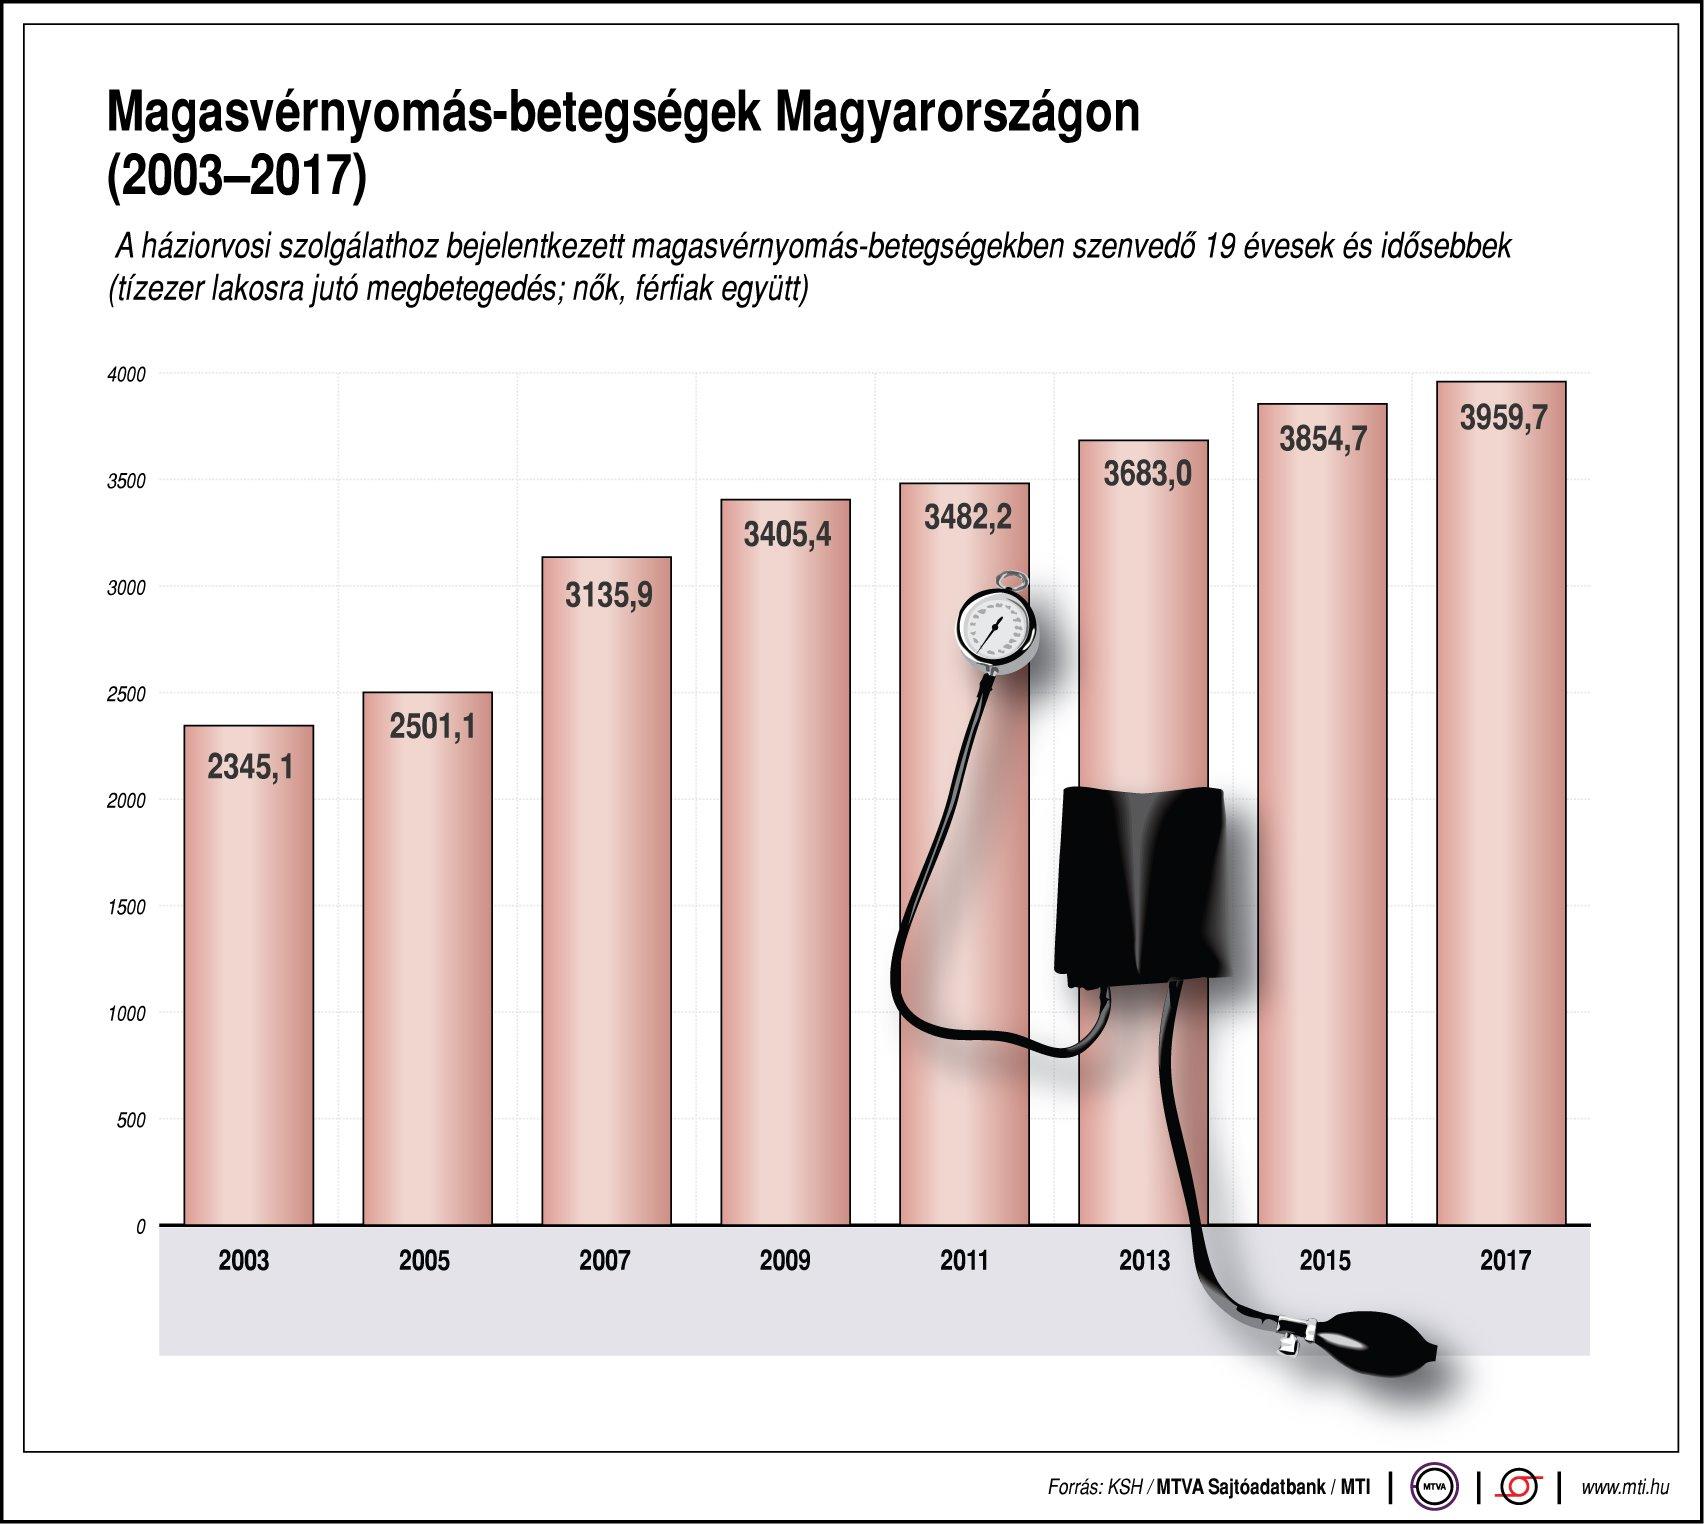 a magas vérnyomás kontrollja